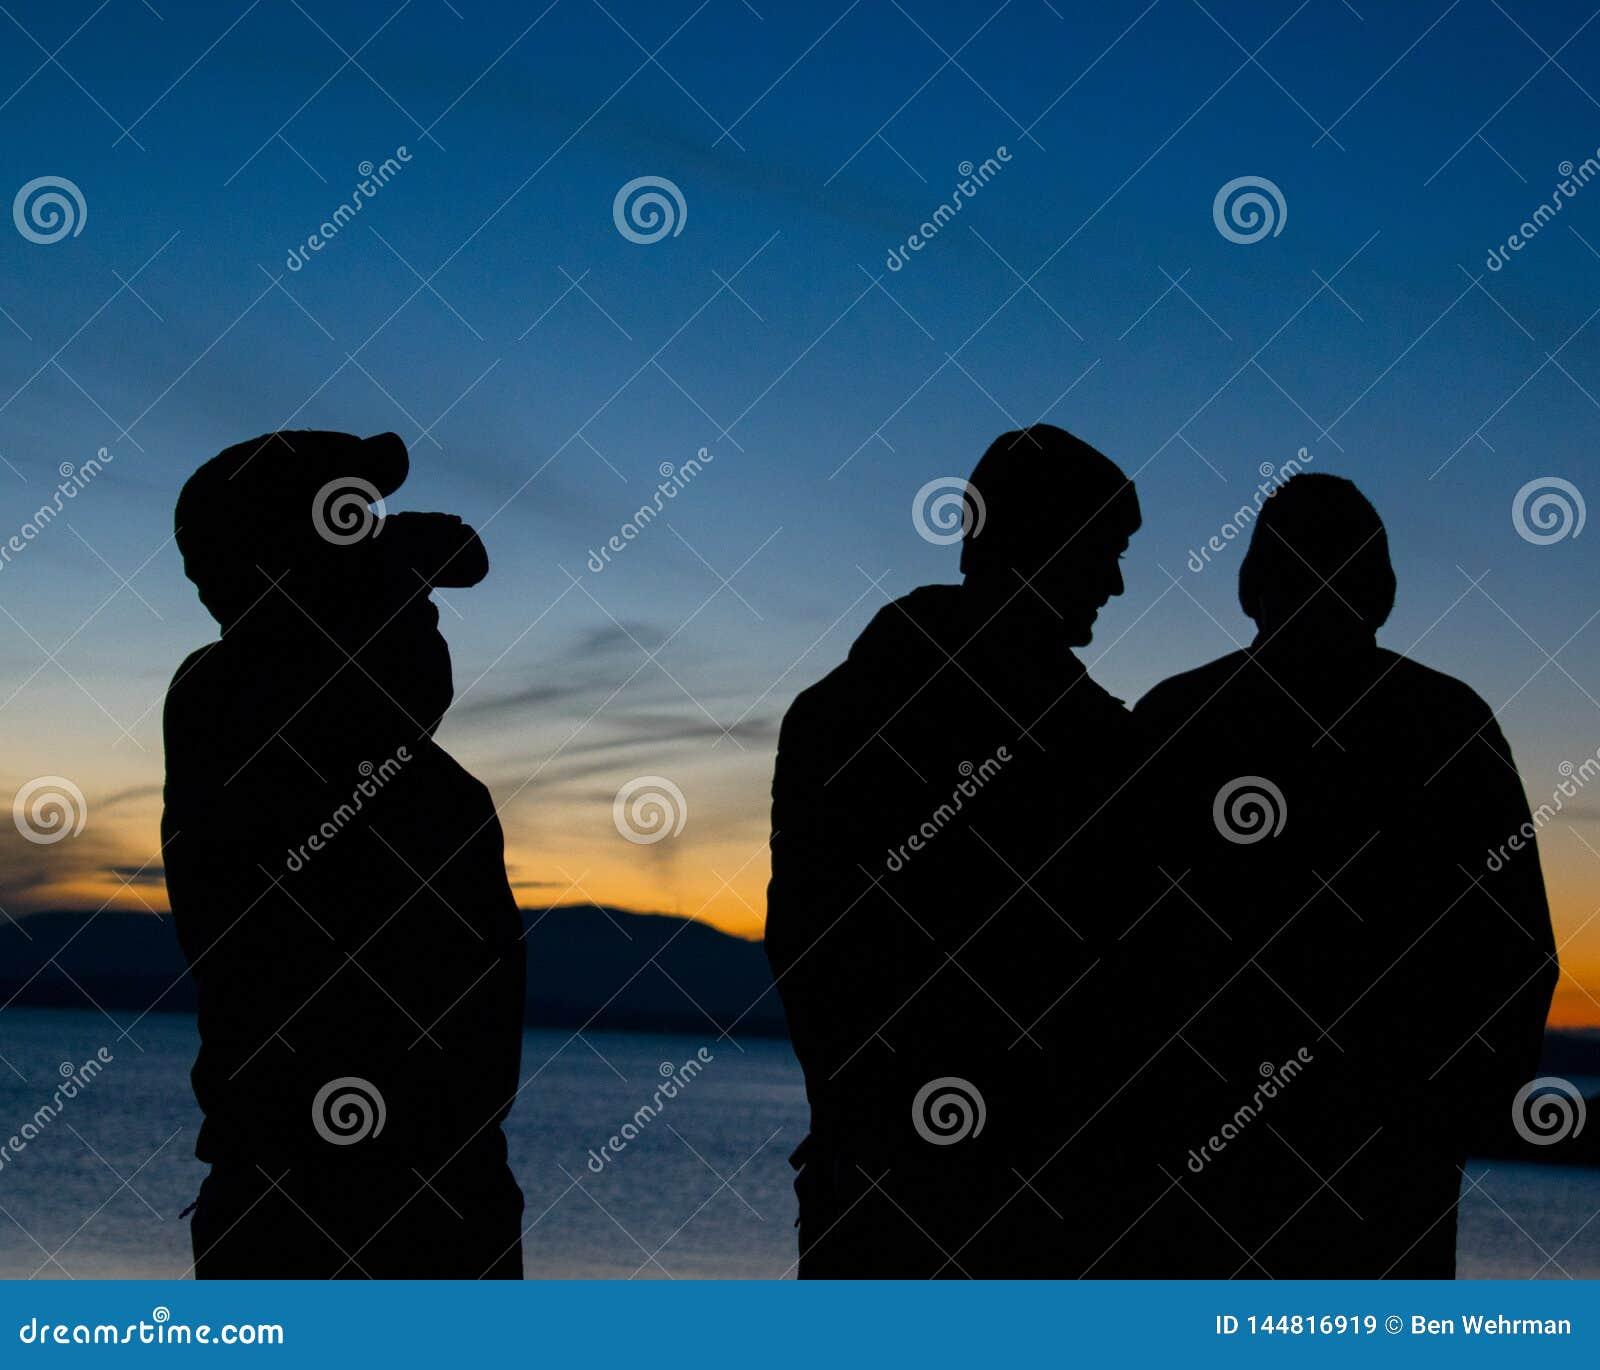 Schattenbilder mit Sonnenuntergang-Hintergrund